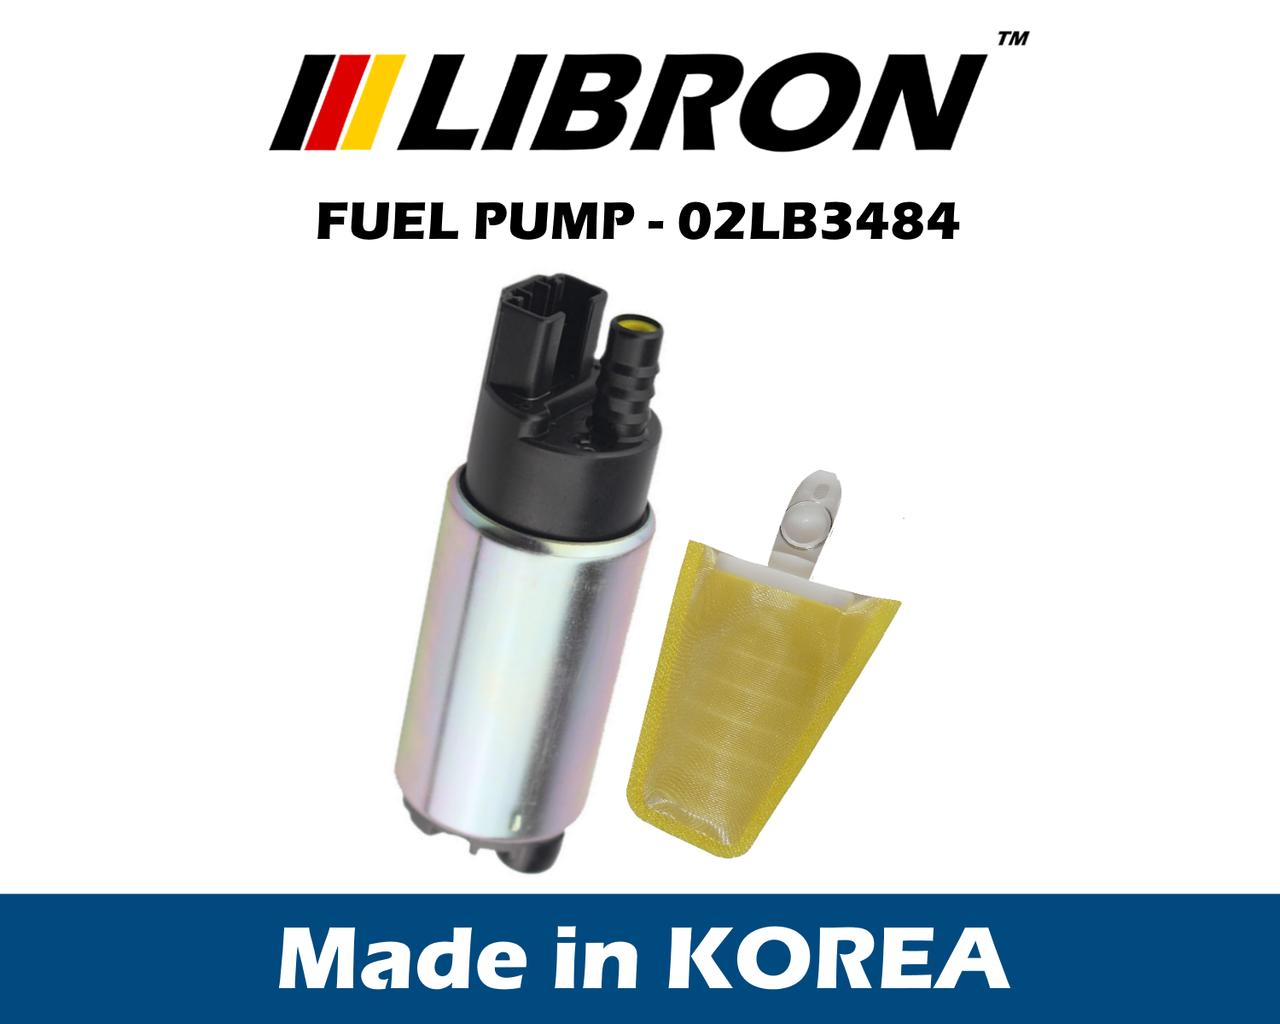 Топливный насос LIBRON 02LB3484 - Хюндай Лантра Хендай I